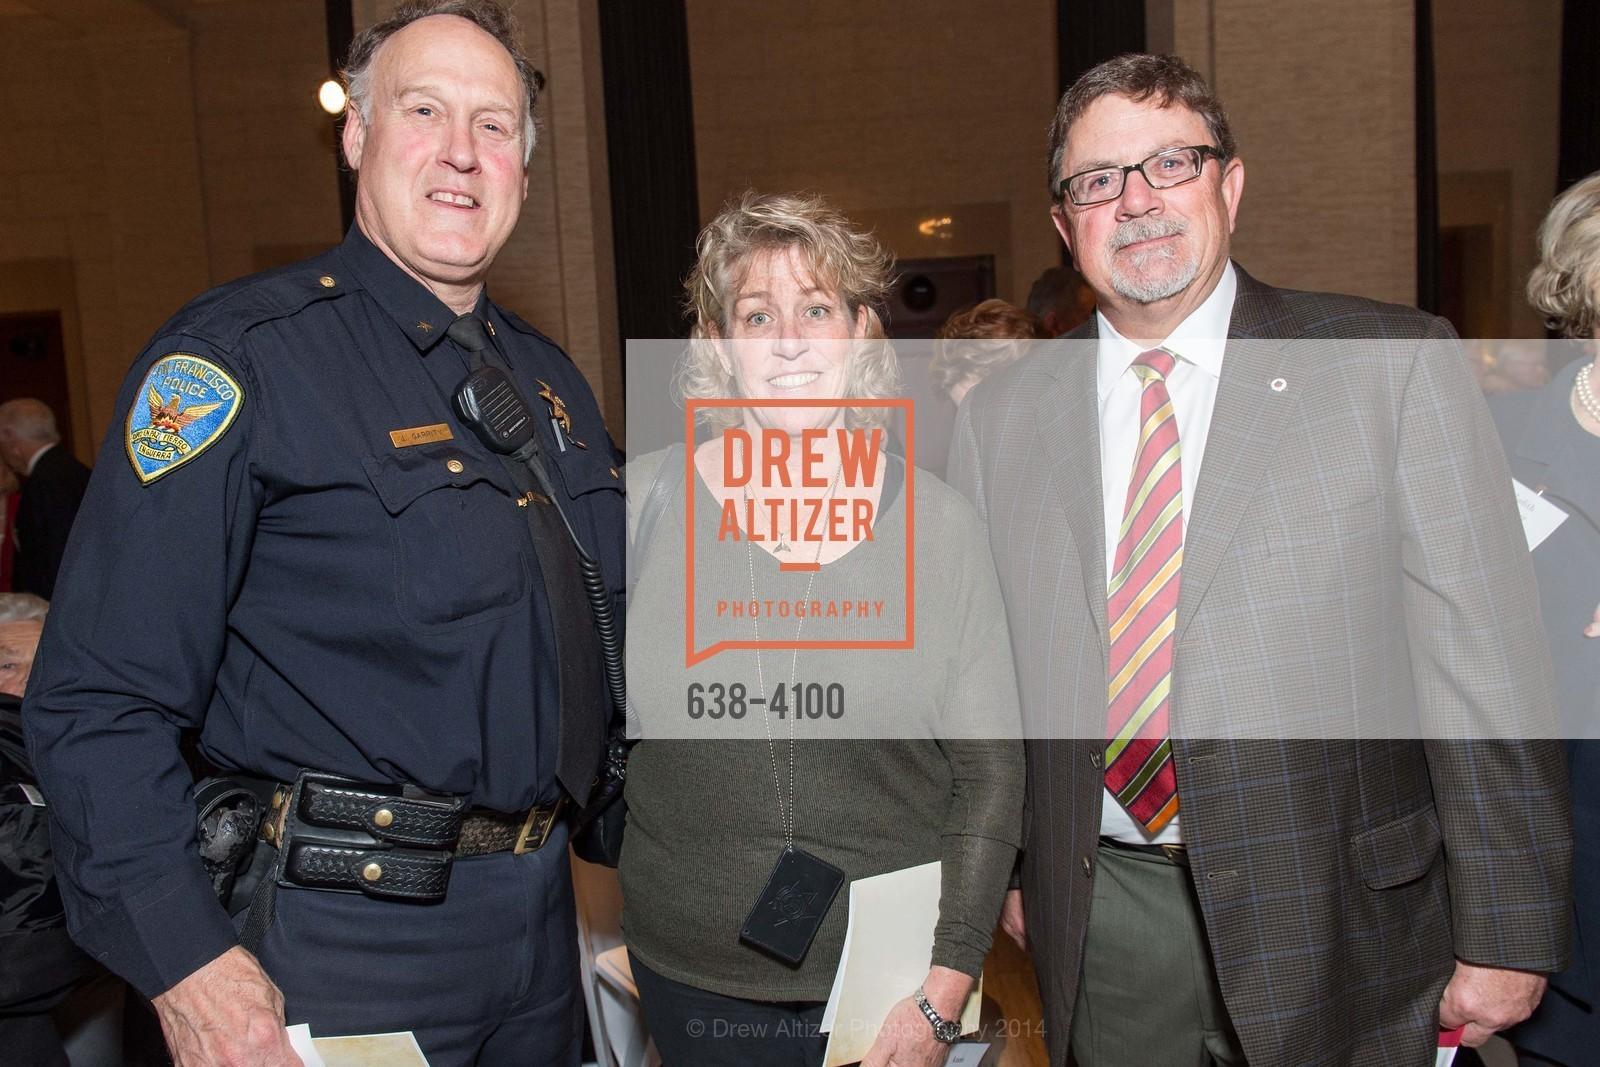 Joe Garrity, Ann Kronenberg, Rick Osgood, Photo #638-4100